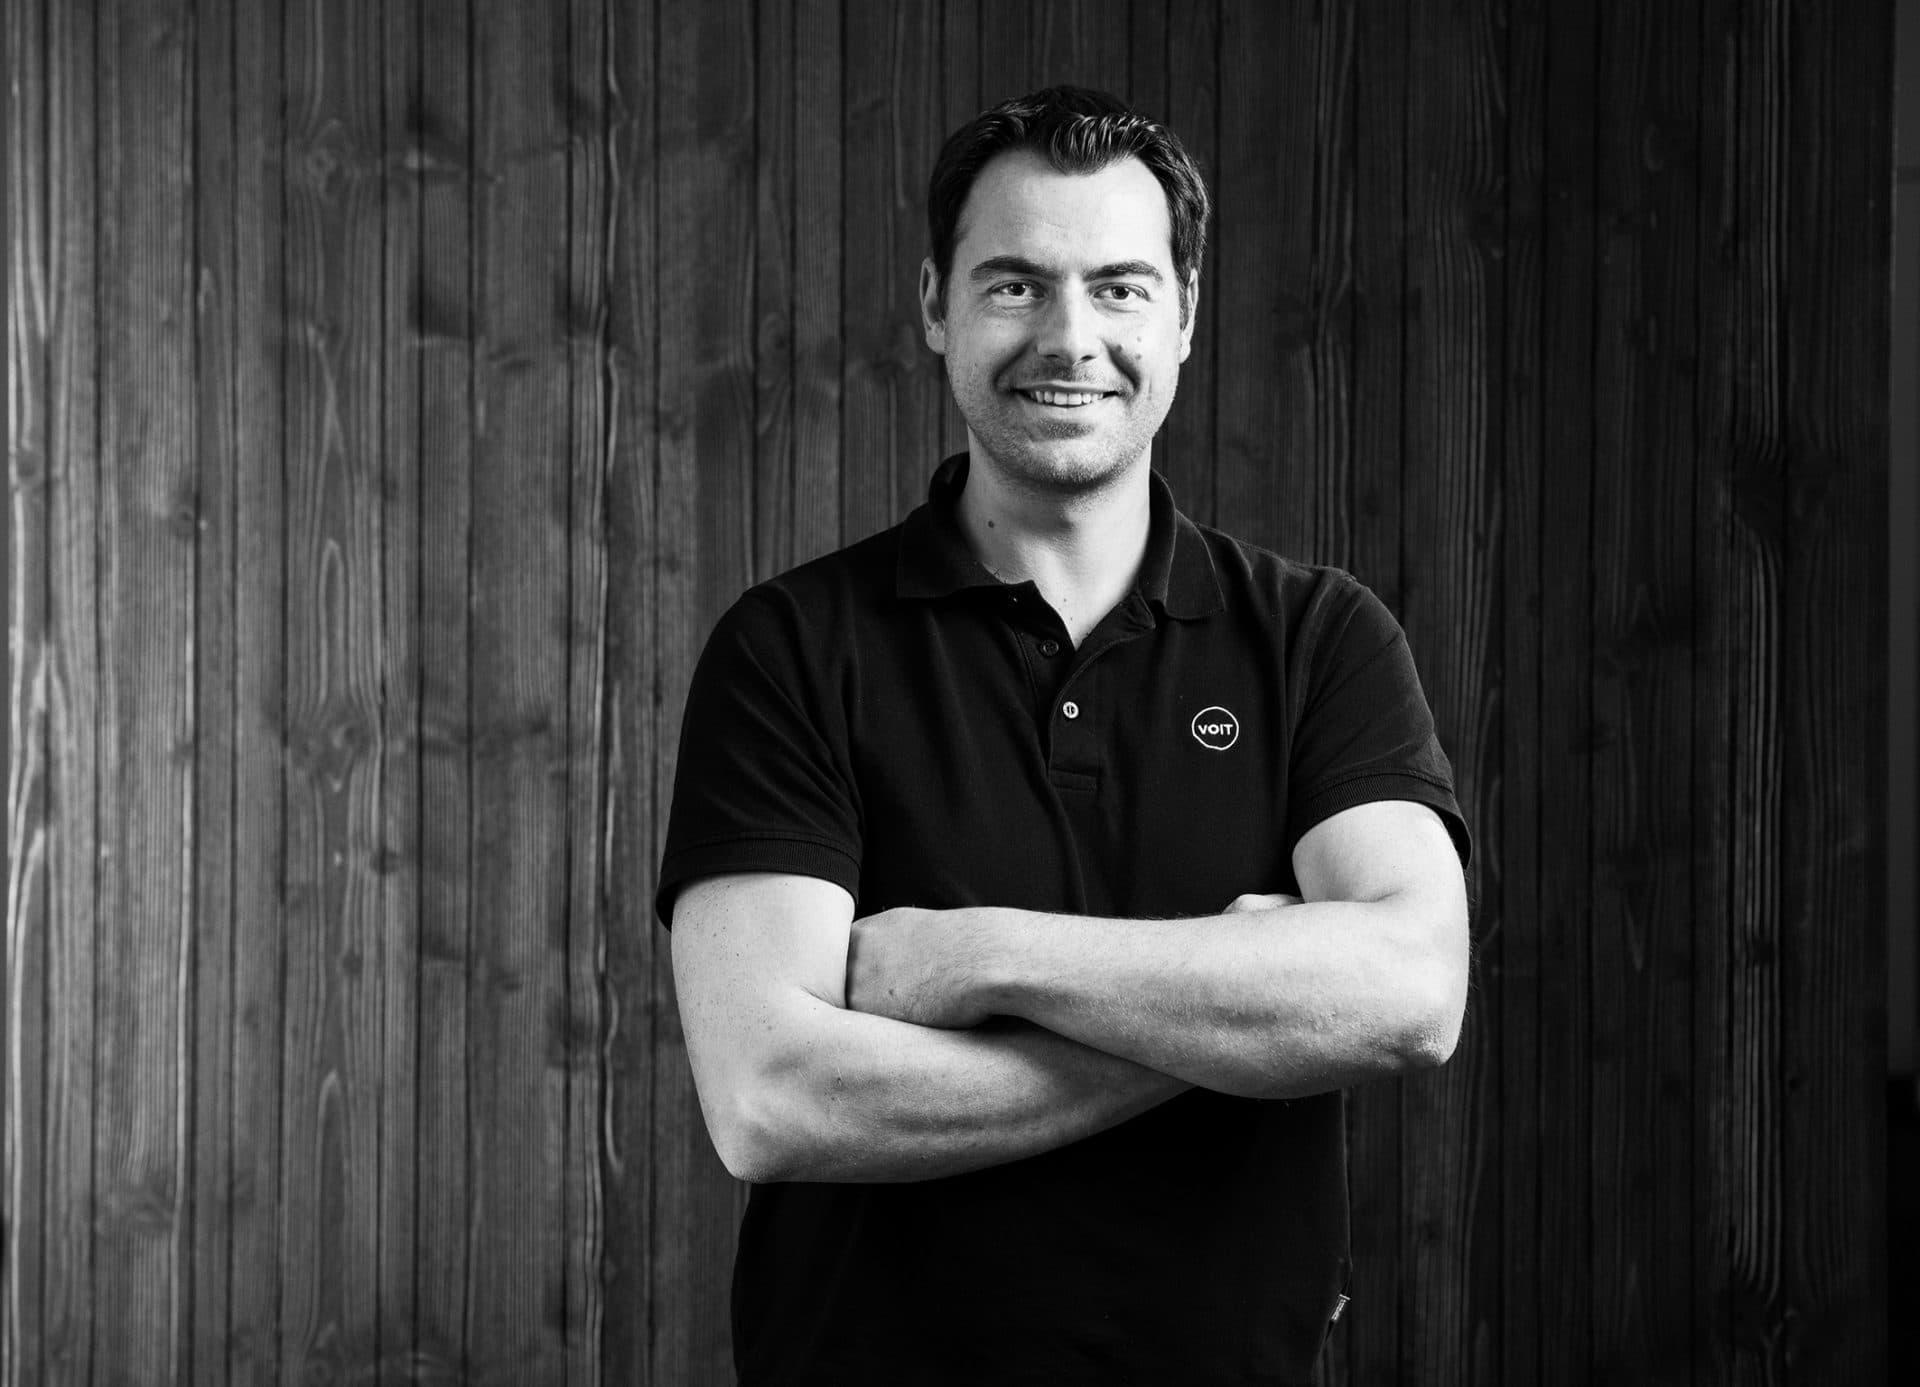 Portrait von Tobias Dörrich - Schreinermeister der Firma VOIT - Bild in schwarz-weiß